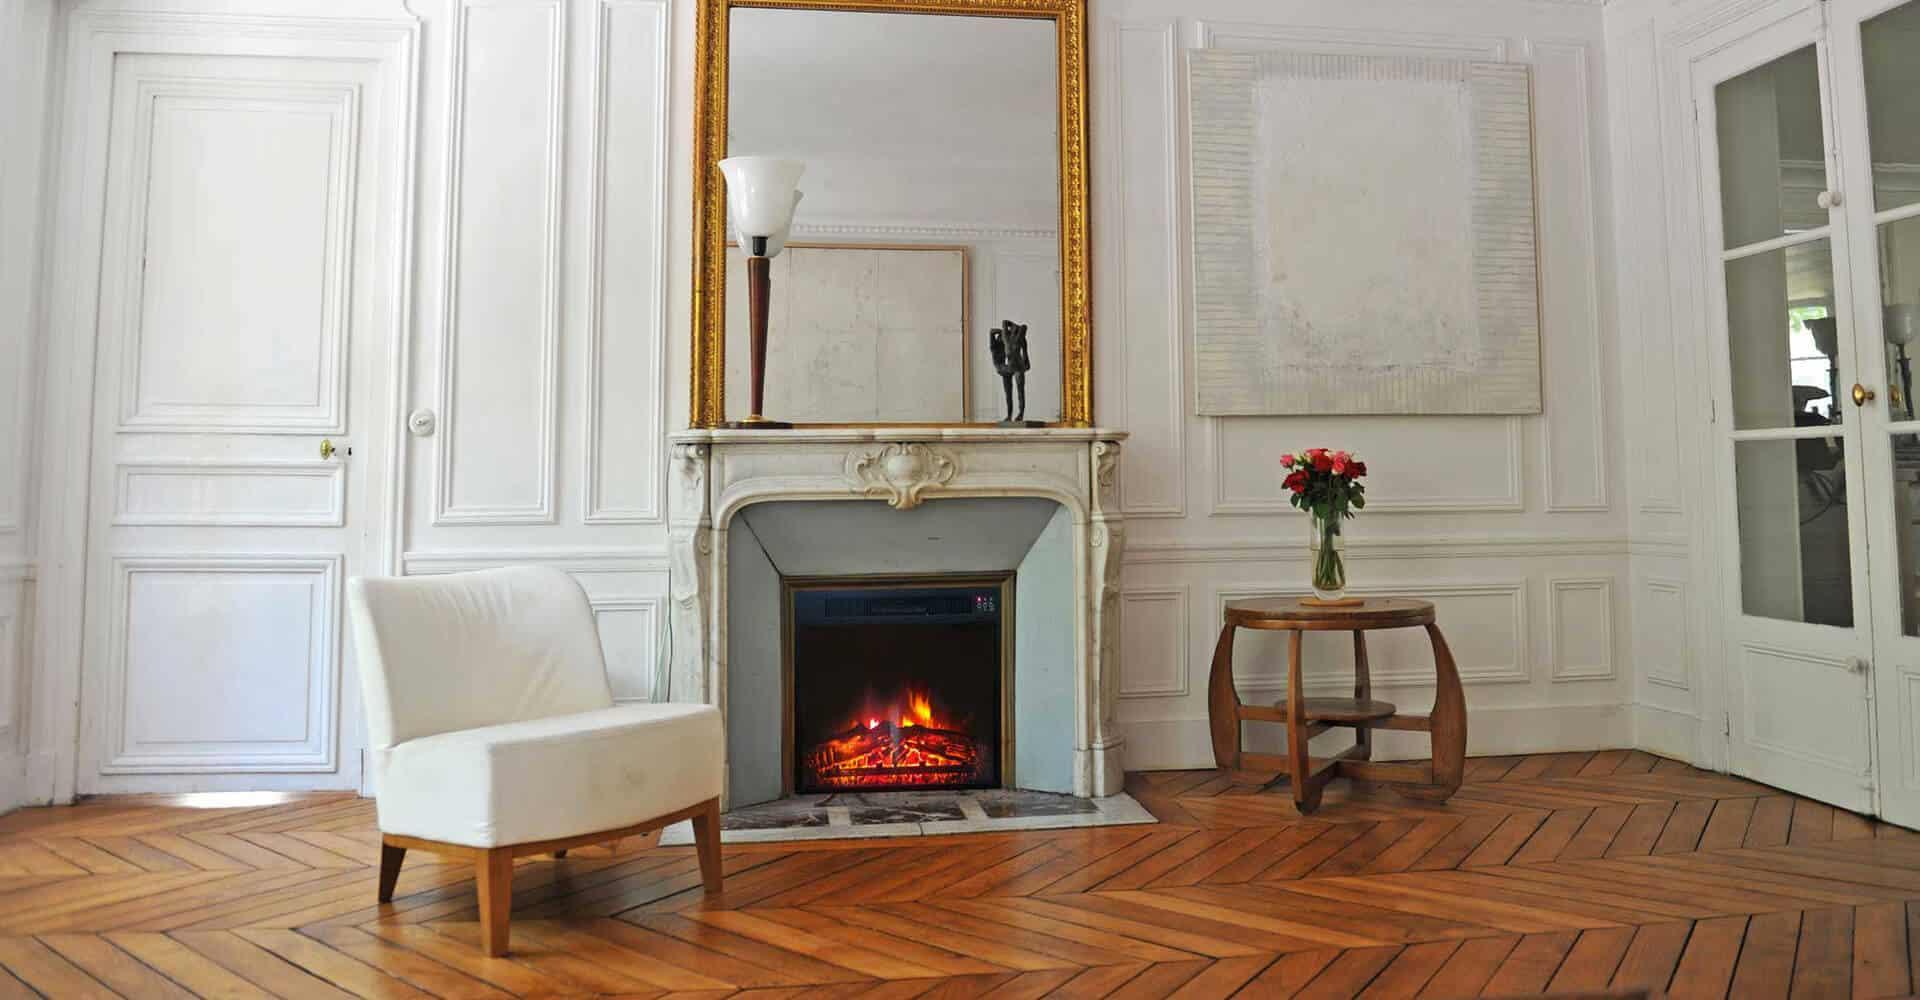 comment choisir sa chemin e lectrique pour l 39 hiver chemin 39 arte. Black Bedroom Furniture Sets. Home Design Ideas